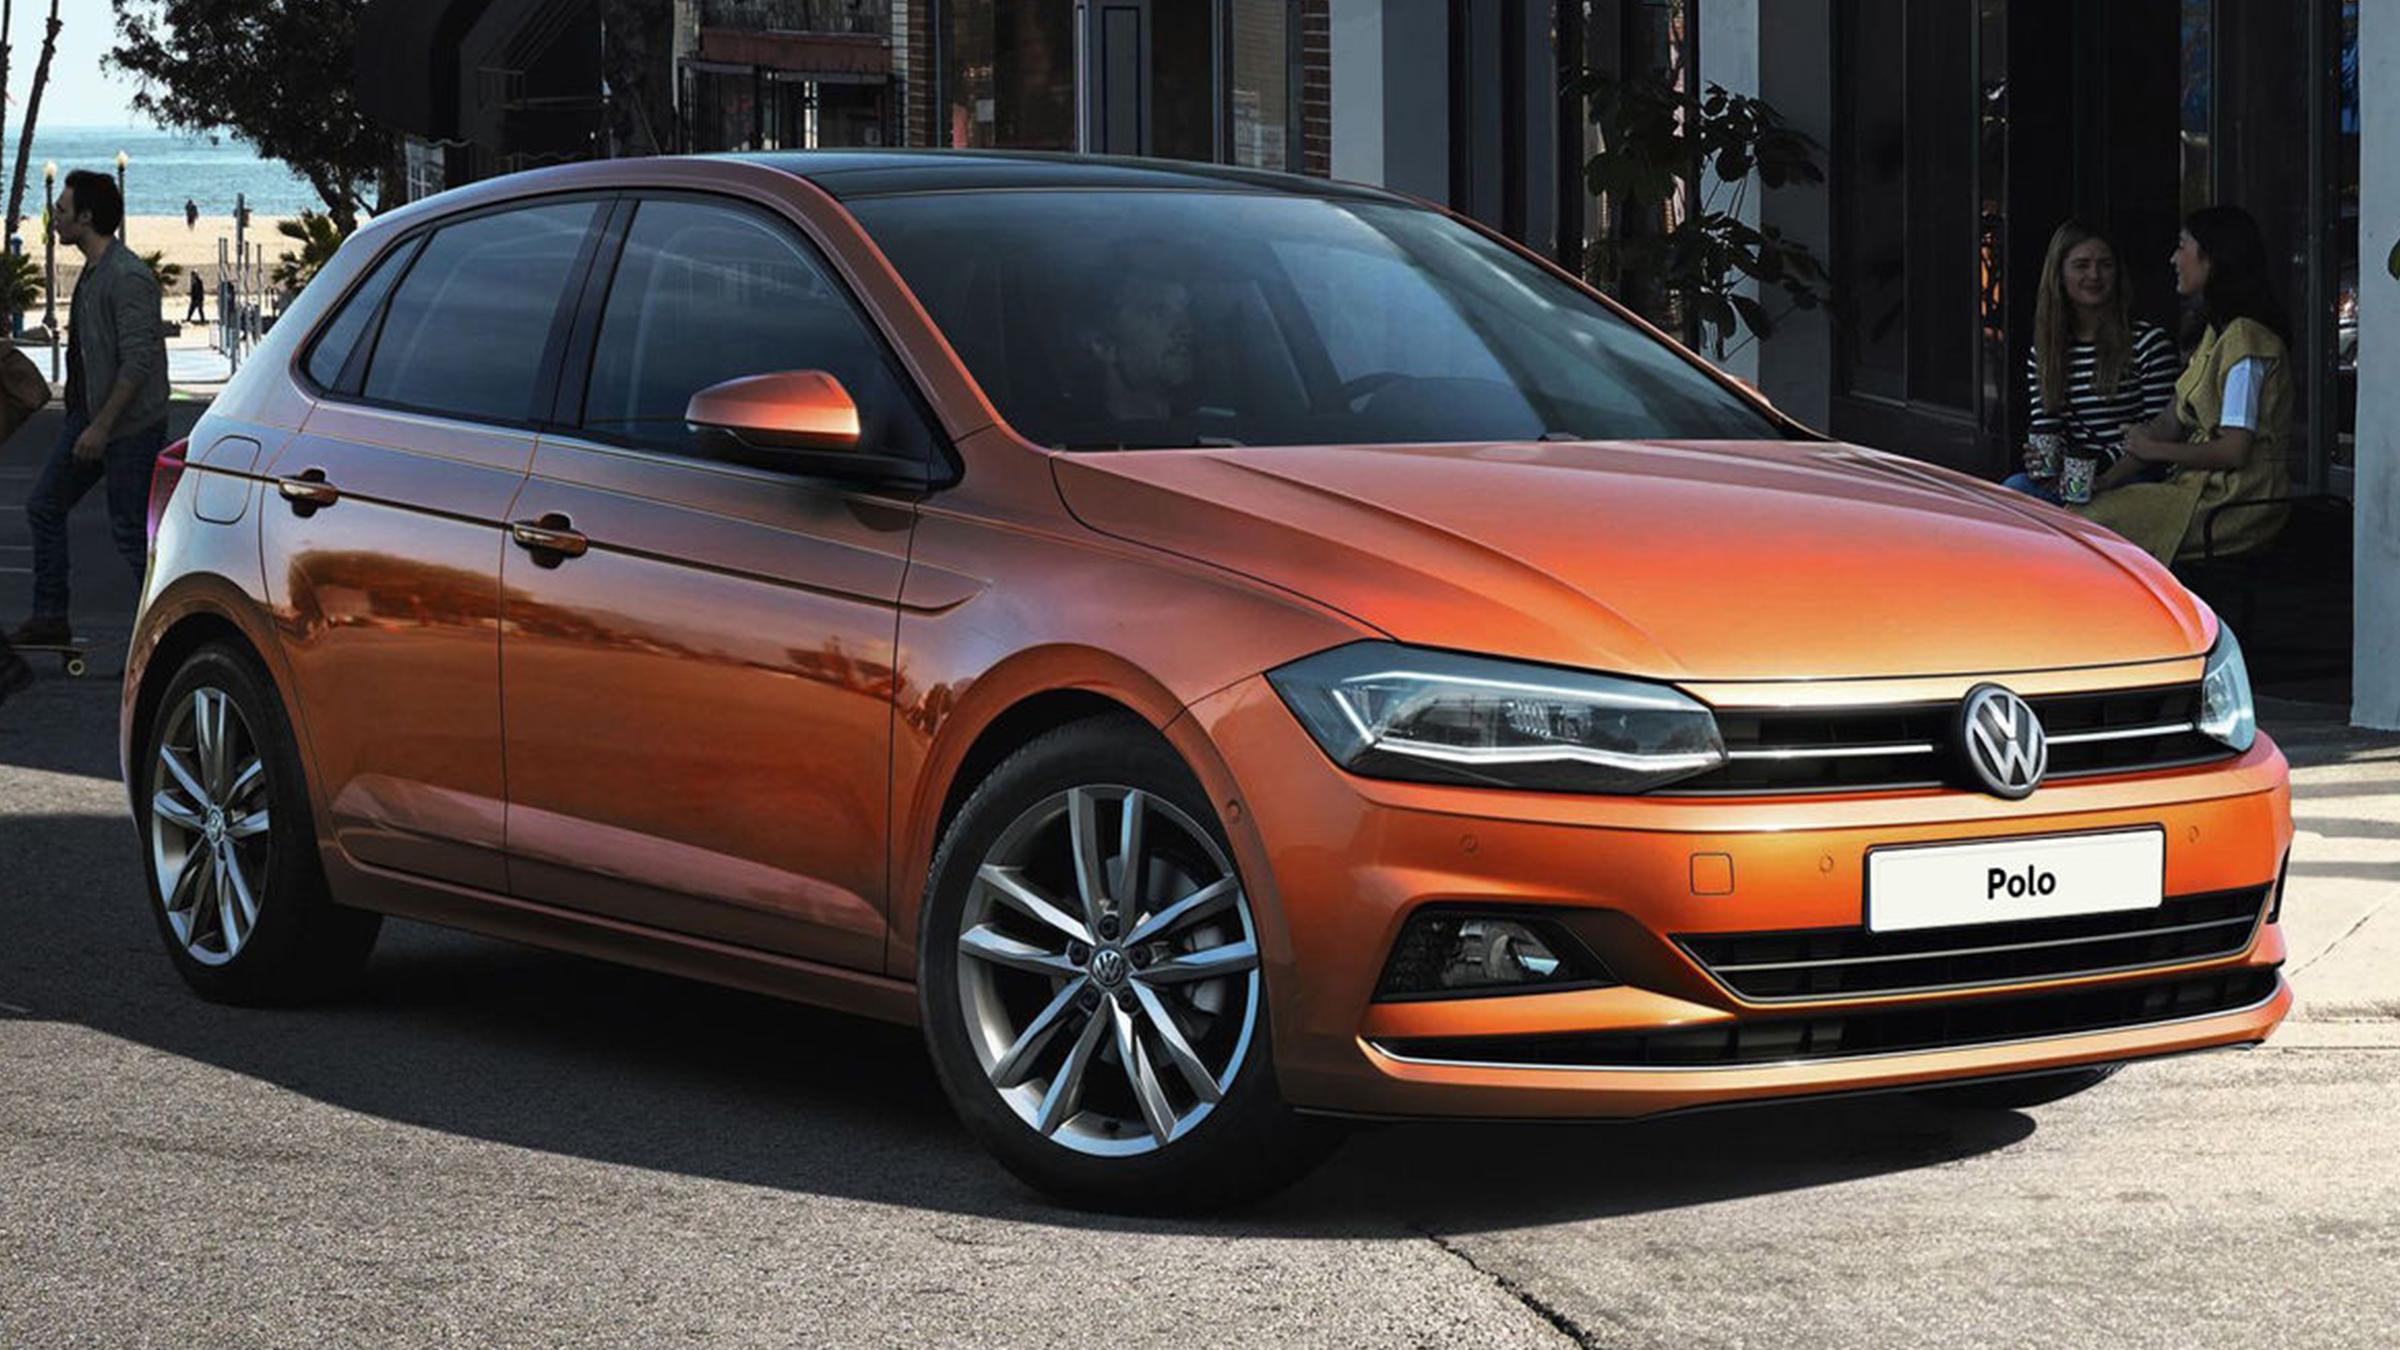 Volkswagen Polo De Meest Innovatieve Auto In Zijn Klasse Volkswagen